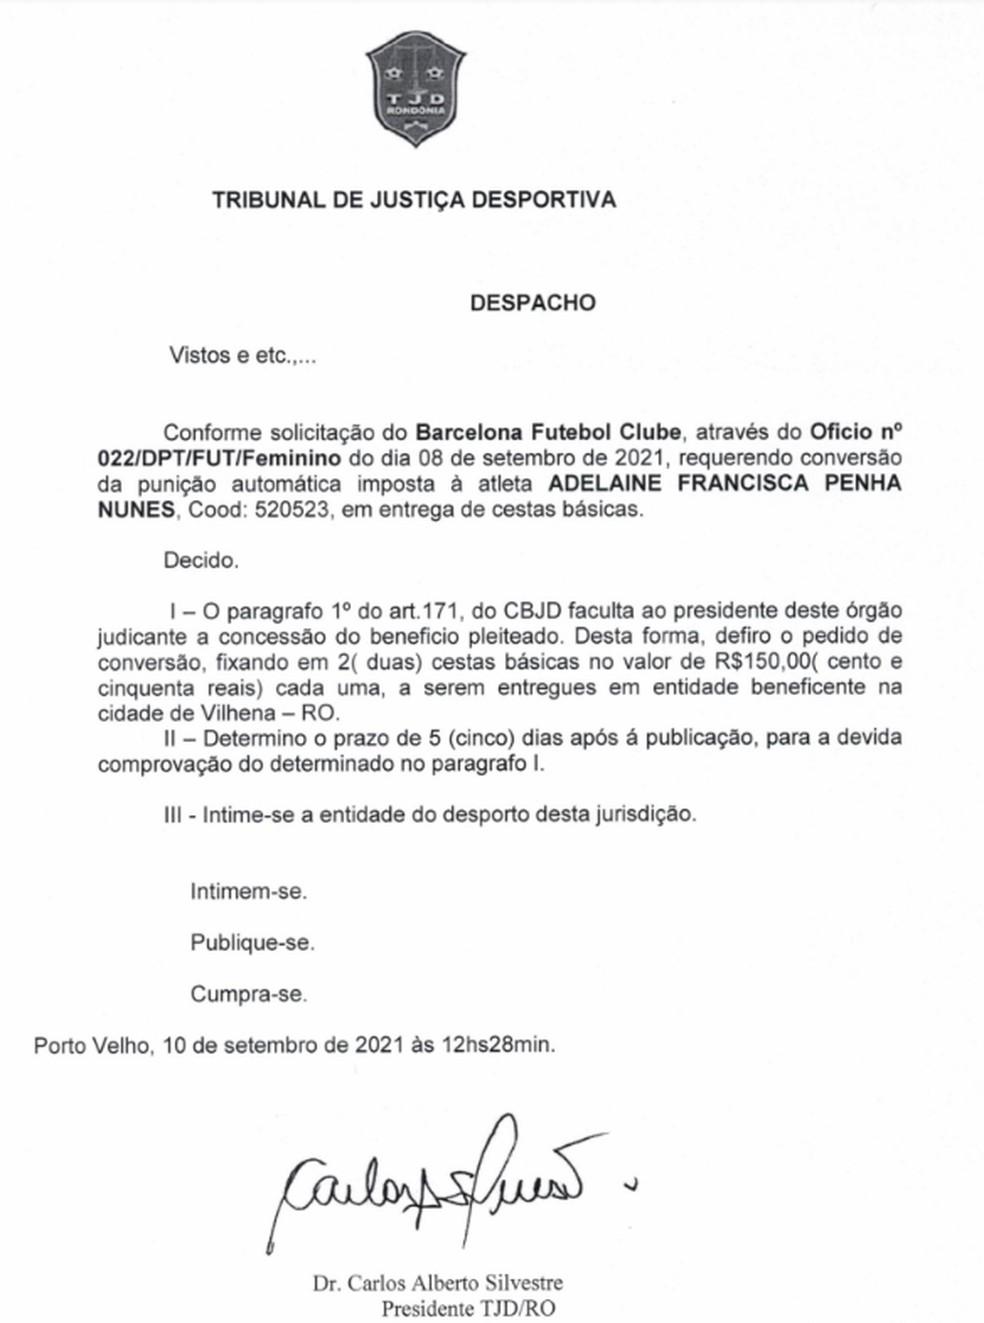 Despacho do TJD/RO sobre o caso Espigão — Foto: Divulgação